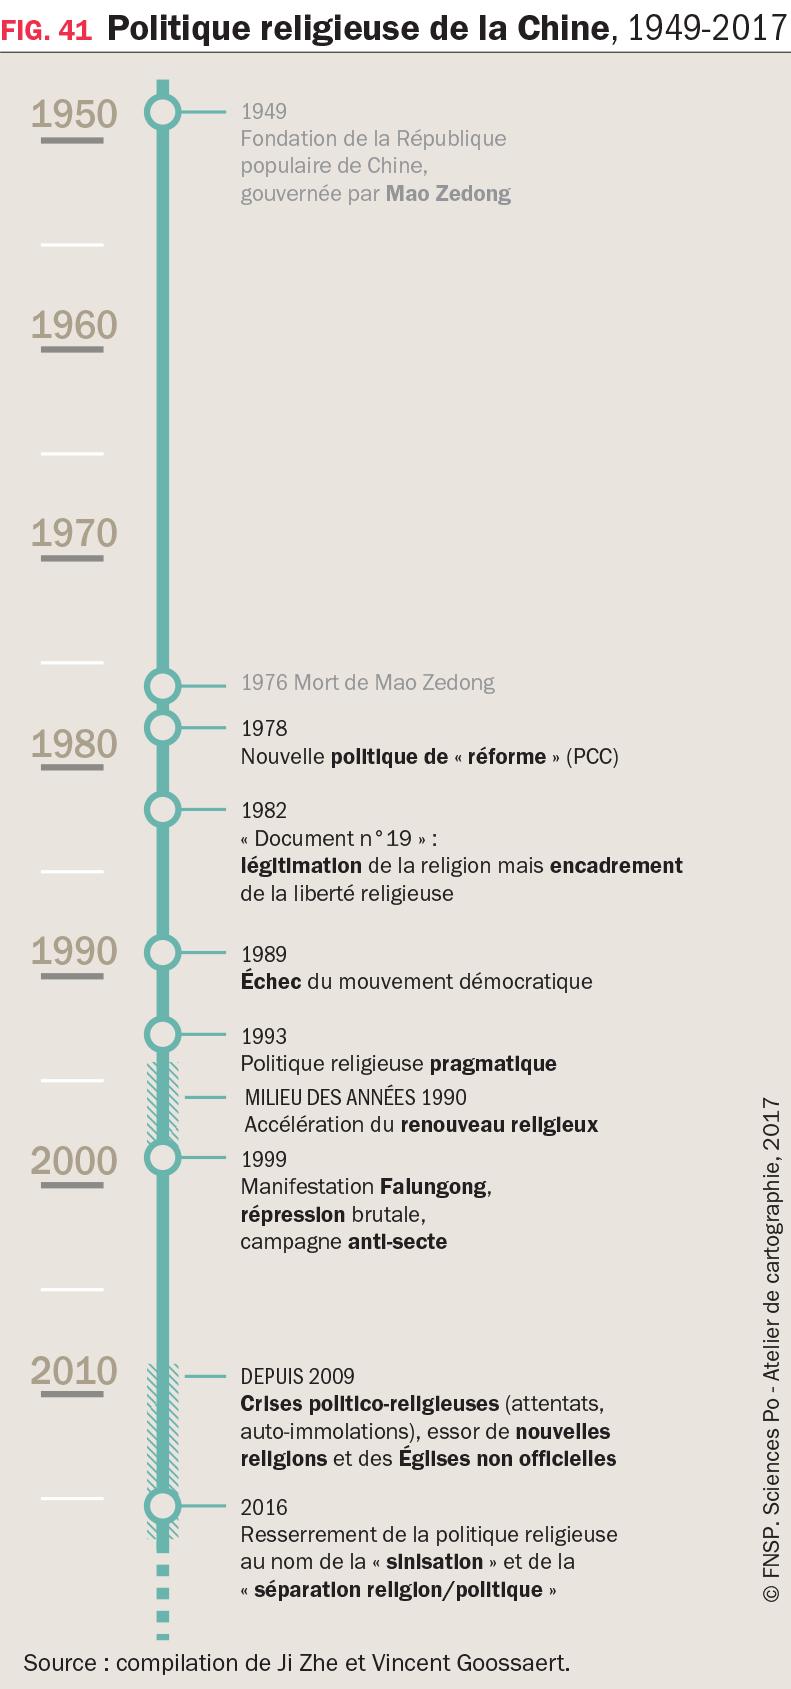 Graphique : Politique religieuse de la Chine, 1949-2017